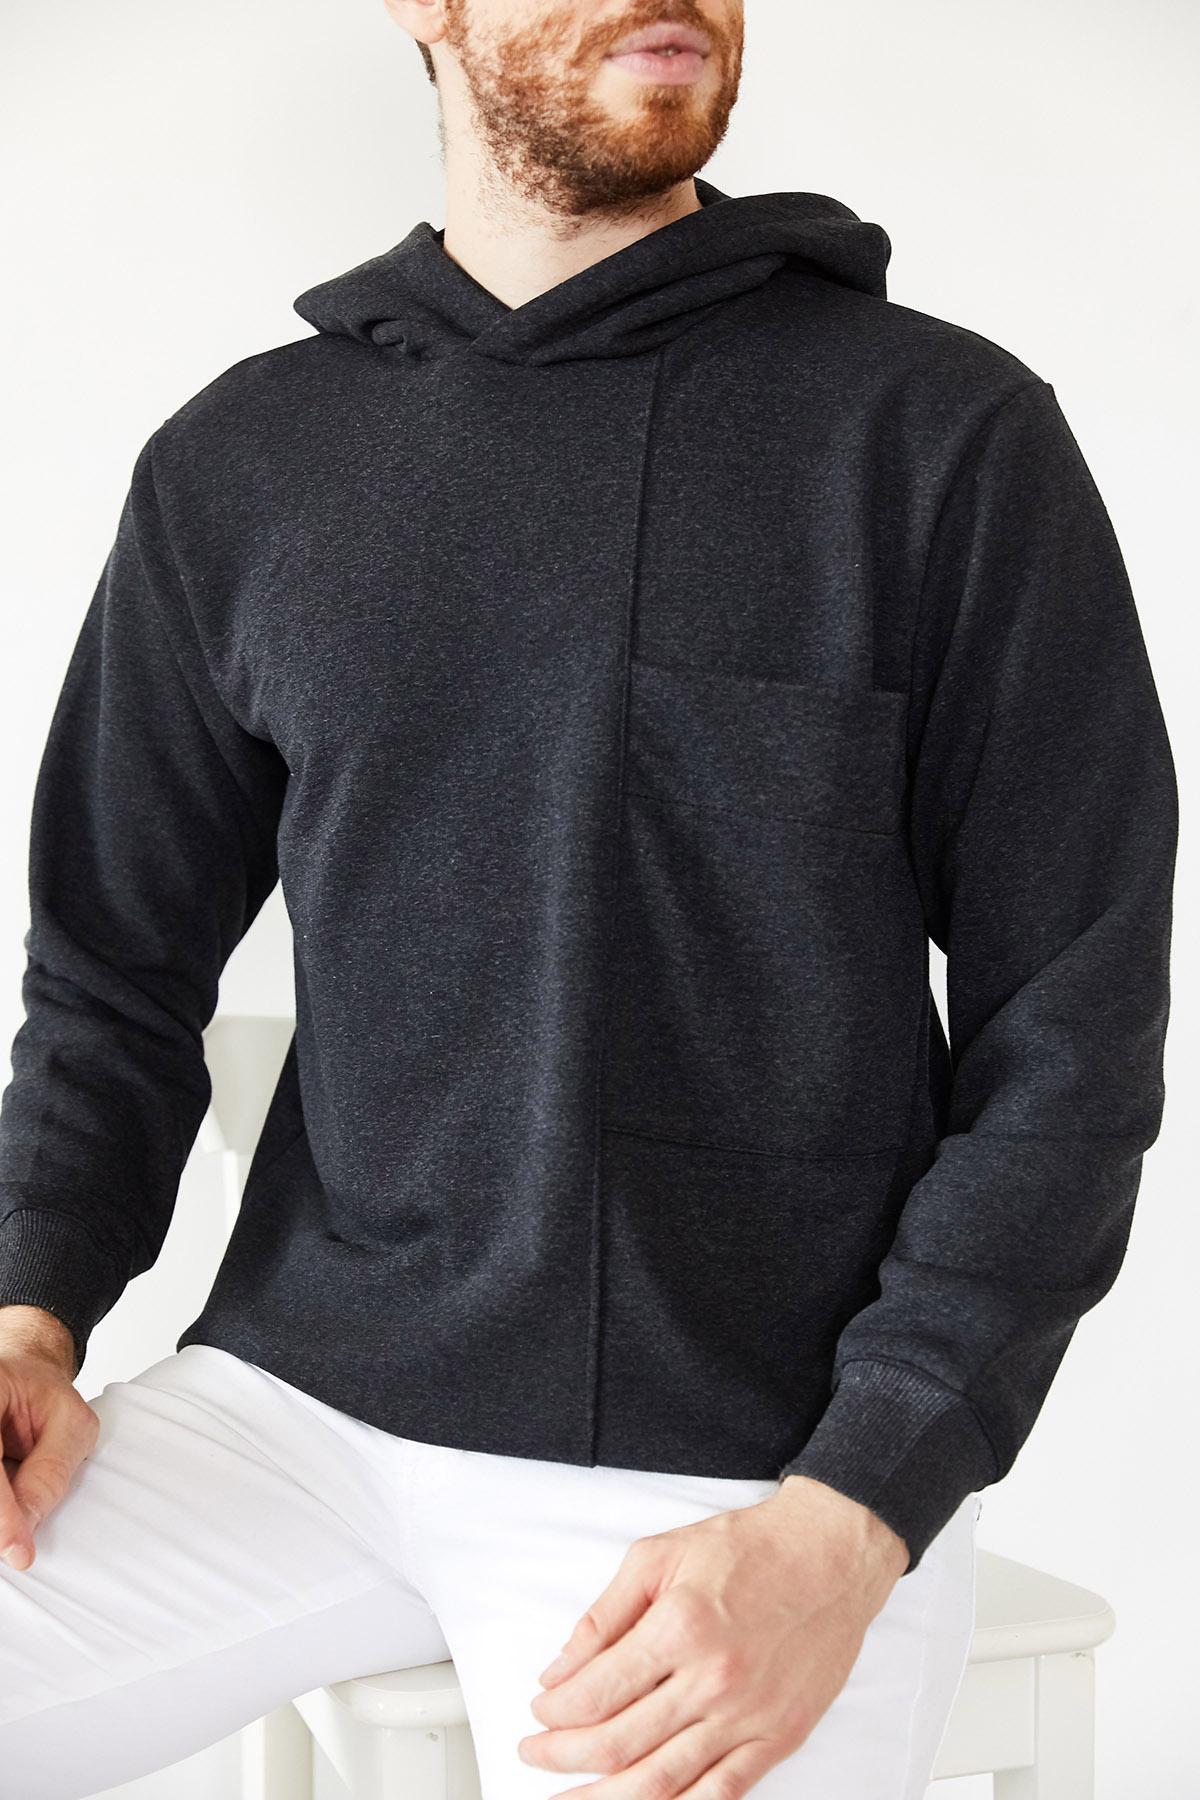 - Antrasit Geniş Cep Detaylı Üç İplik Kapüşonlu Sweatshirt 1KXE8-44177-36